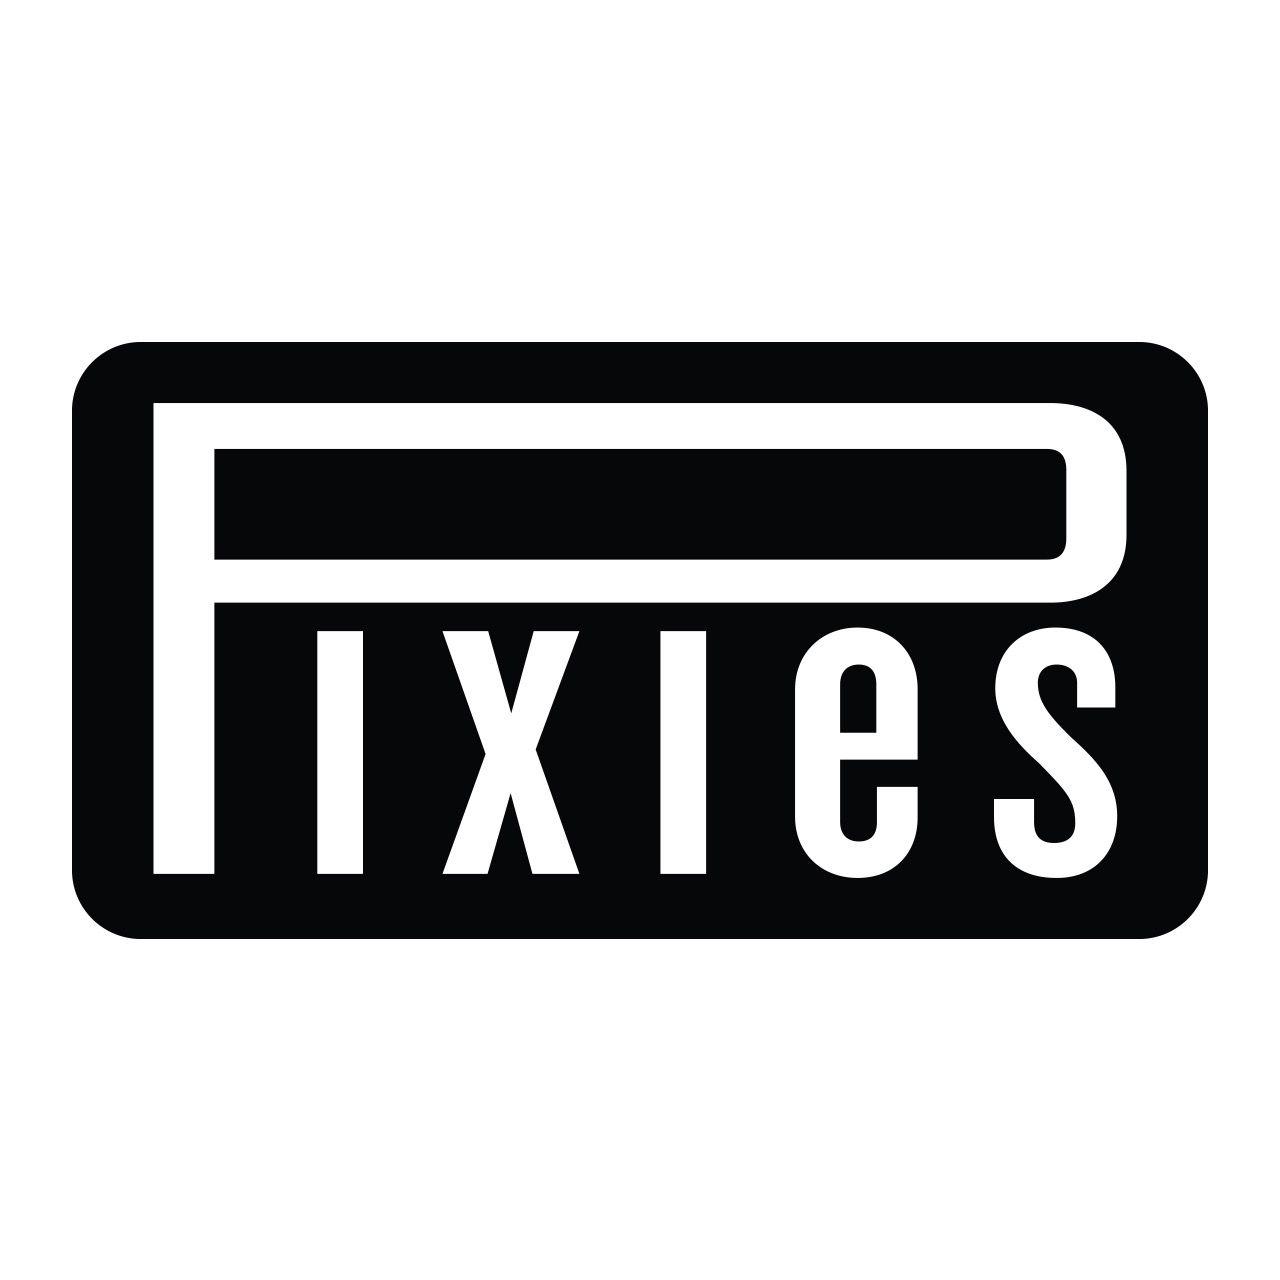 Pixies - Logo [Branco]